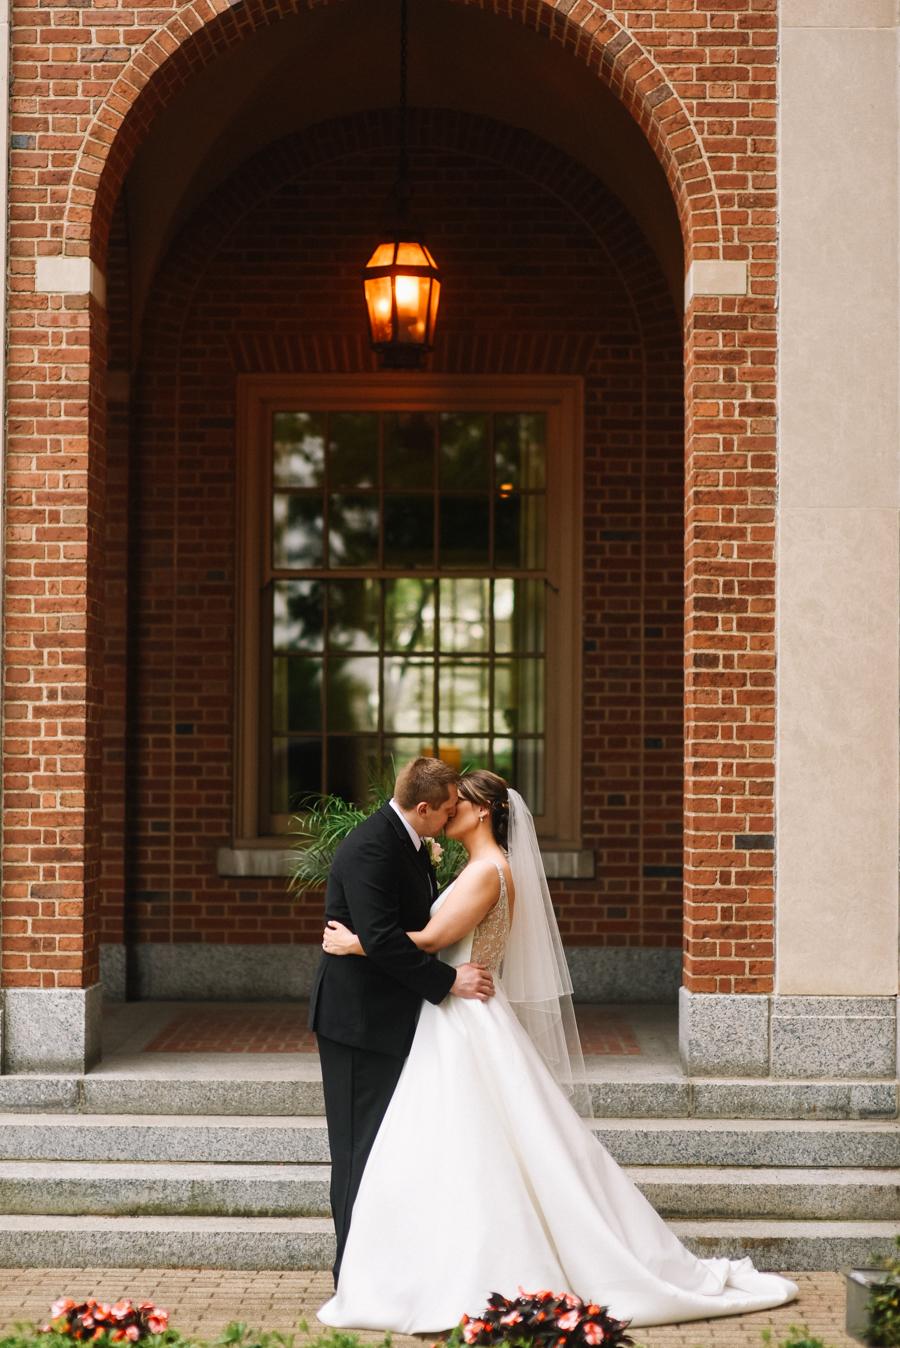 Dearborn_Inn_Wedding_Photos-56.jpg